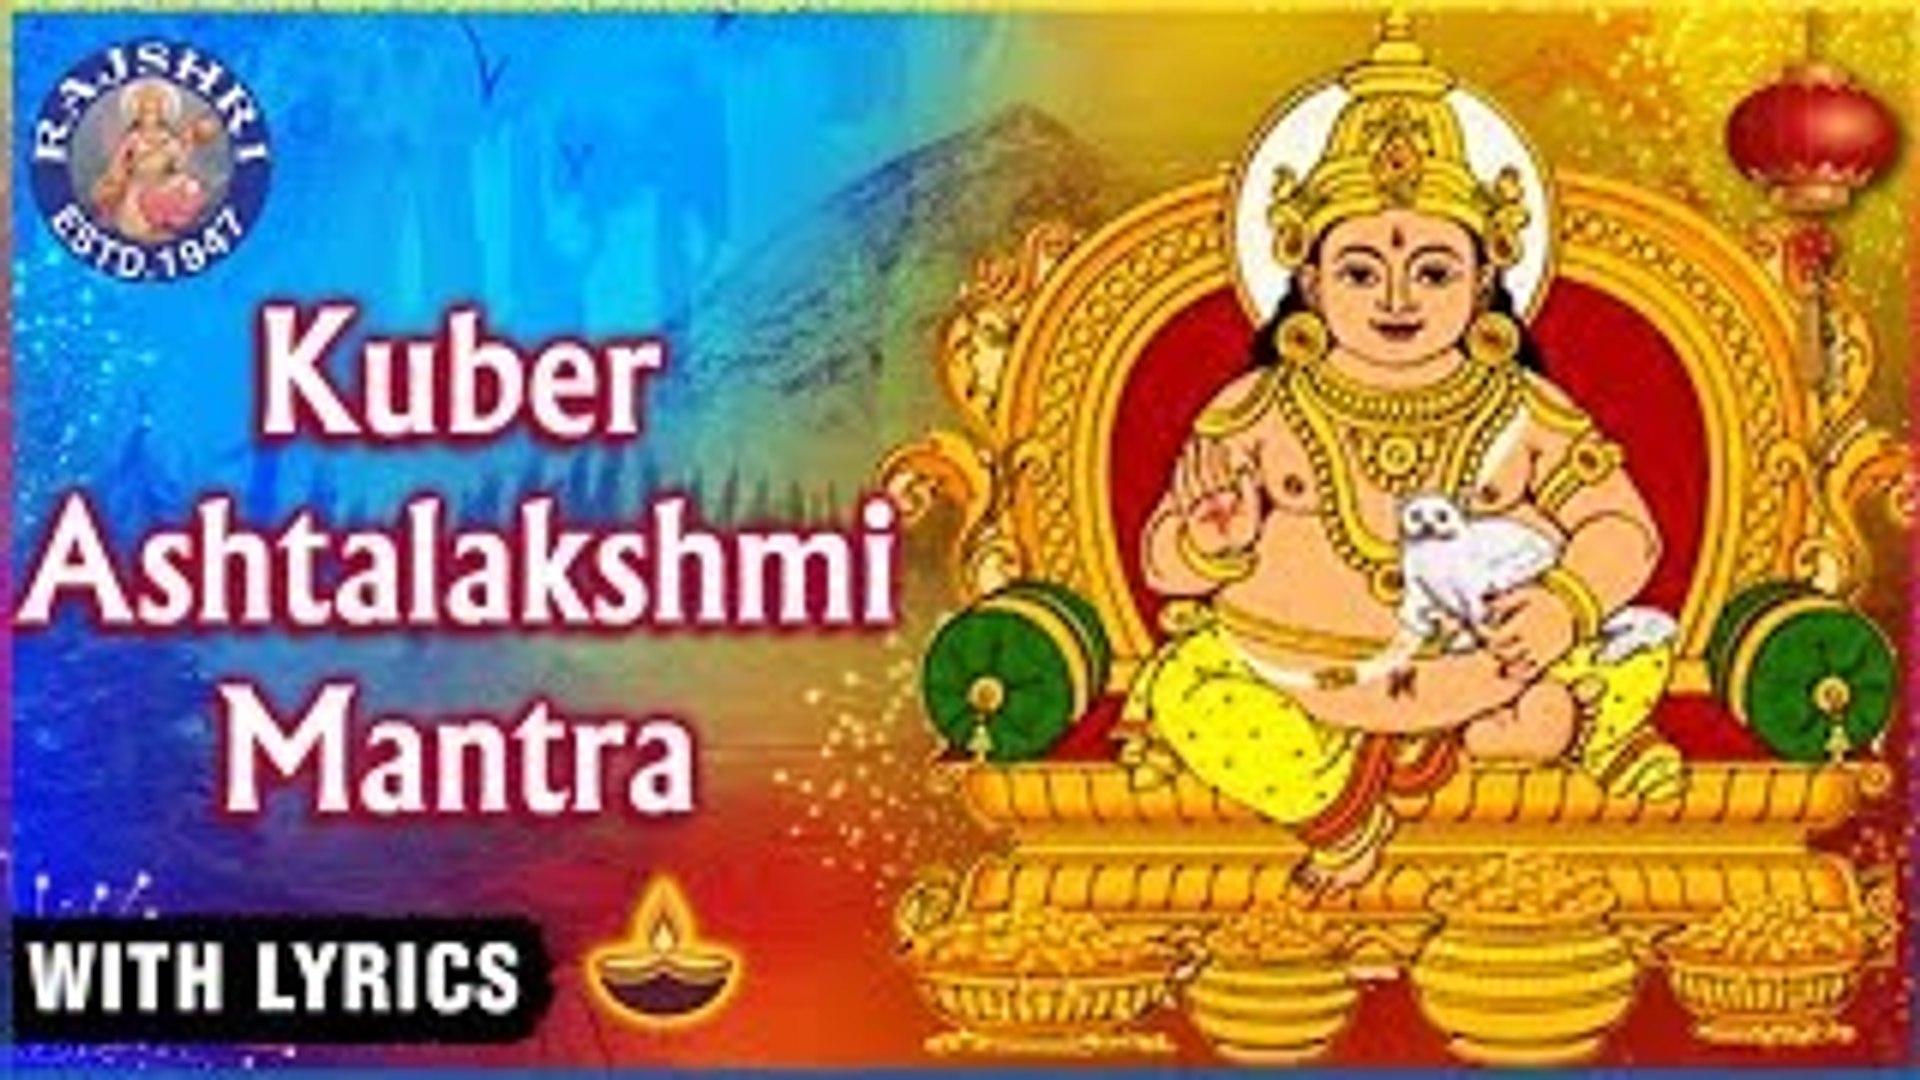 Kuber Ashtalakshmi Mantra With Lyrics   कुबेर अष्टलक्ष्मी मंत्र   Kuber  Mantra 108 Times   Diwali